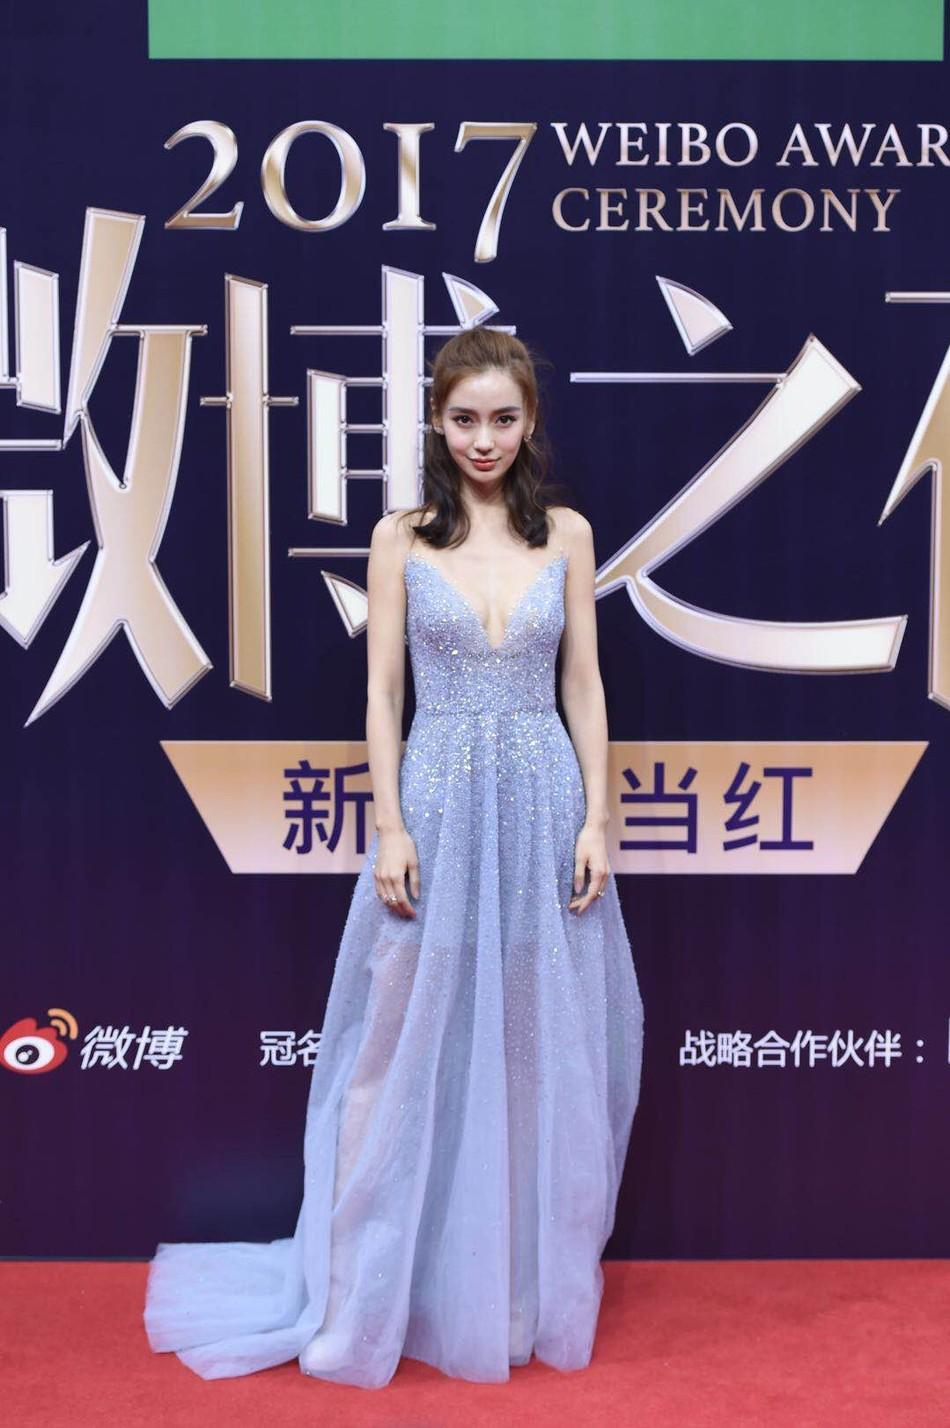 Thảm đỏ Weibo: Angela Baby xuống sắc không phanh, Dương Mịch - Na Trát cùng dàn mỹ nhân cạnh tranh nhan sắc khốc liệt - Ảnh 4.